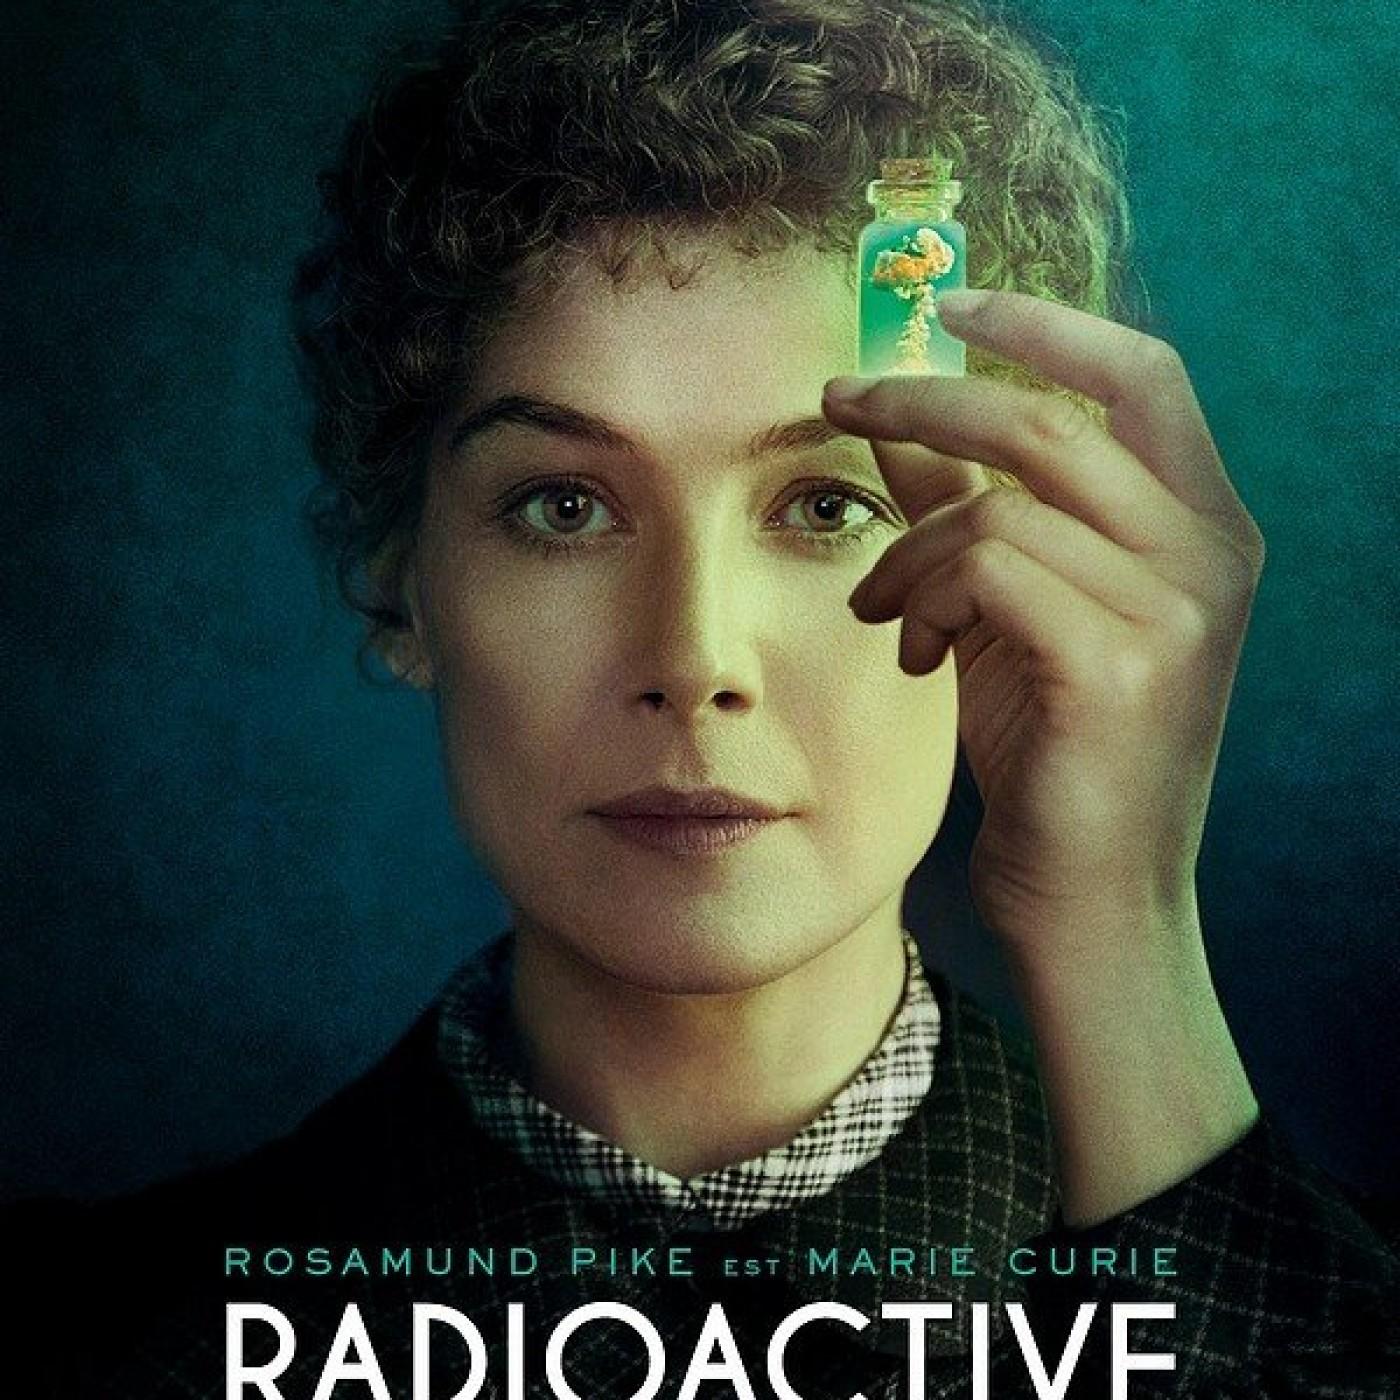 Radioactive : L'amour de la science ou la science de l'amour